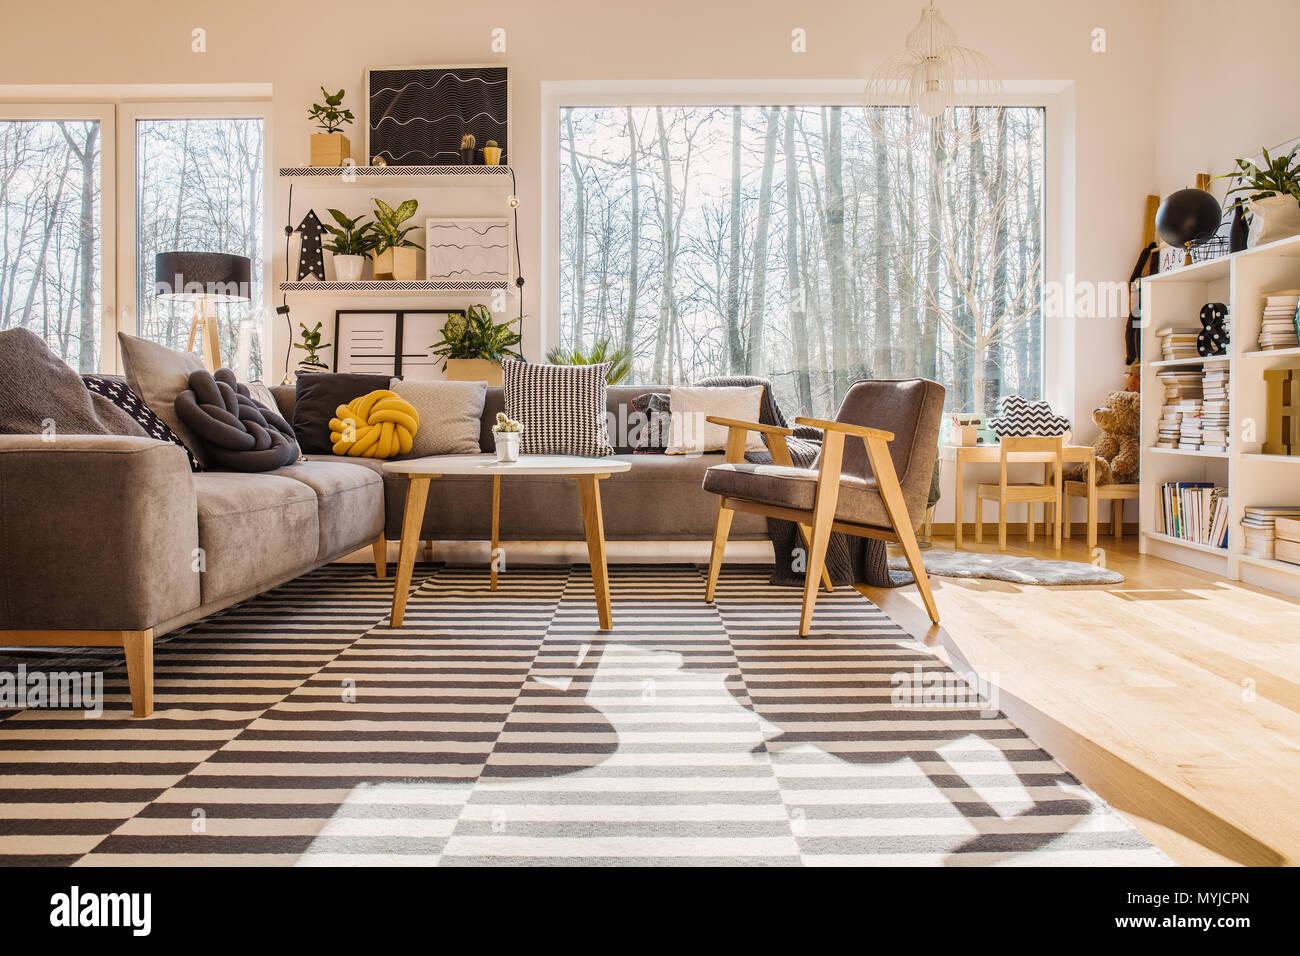 https www alamyimages fr l angle faible de l interieur chaleureux salon lumineux avec un fauteuil a cote de la table en bois canape d angle image189104573 html